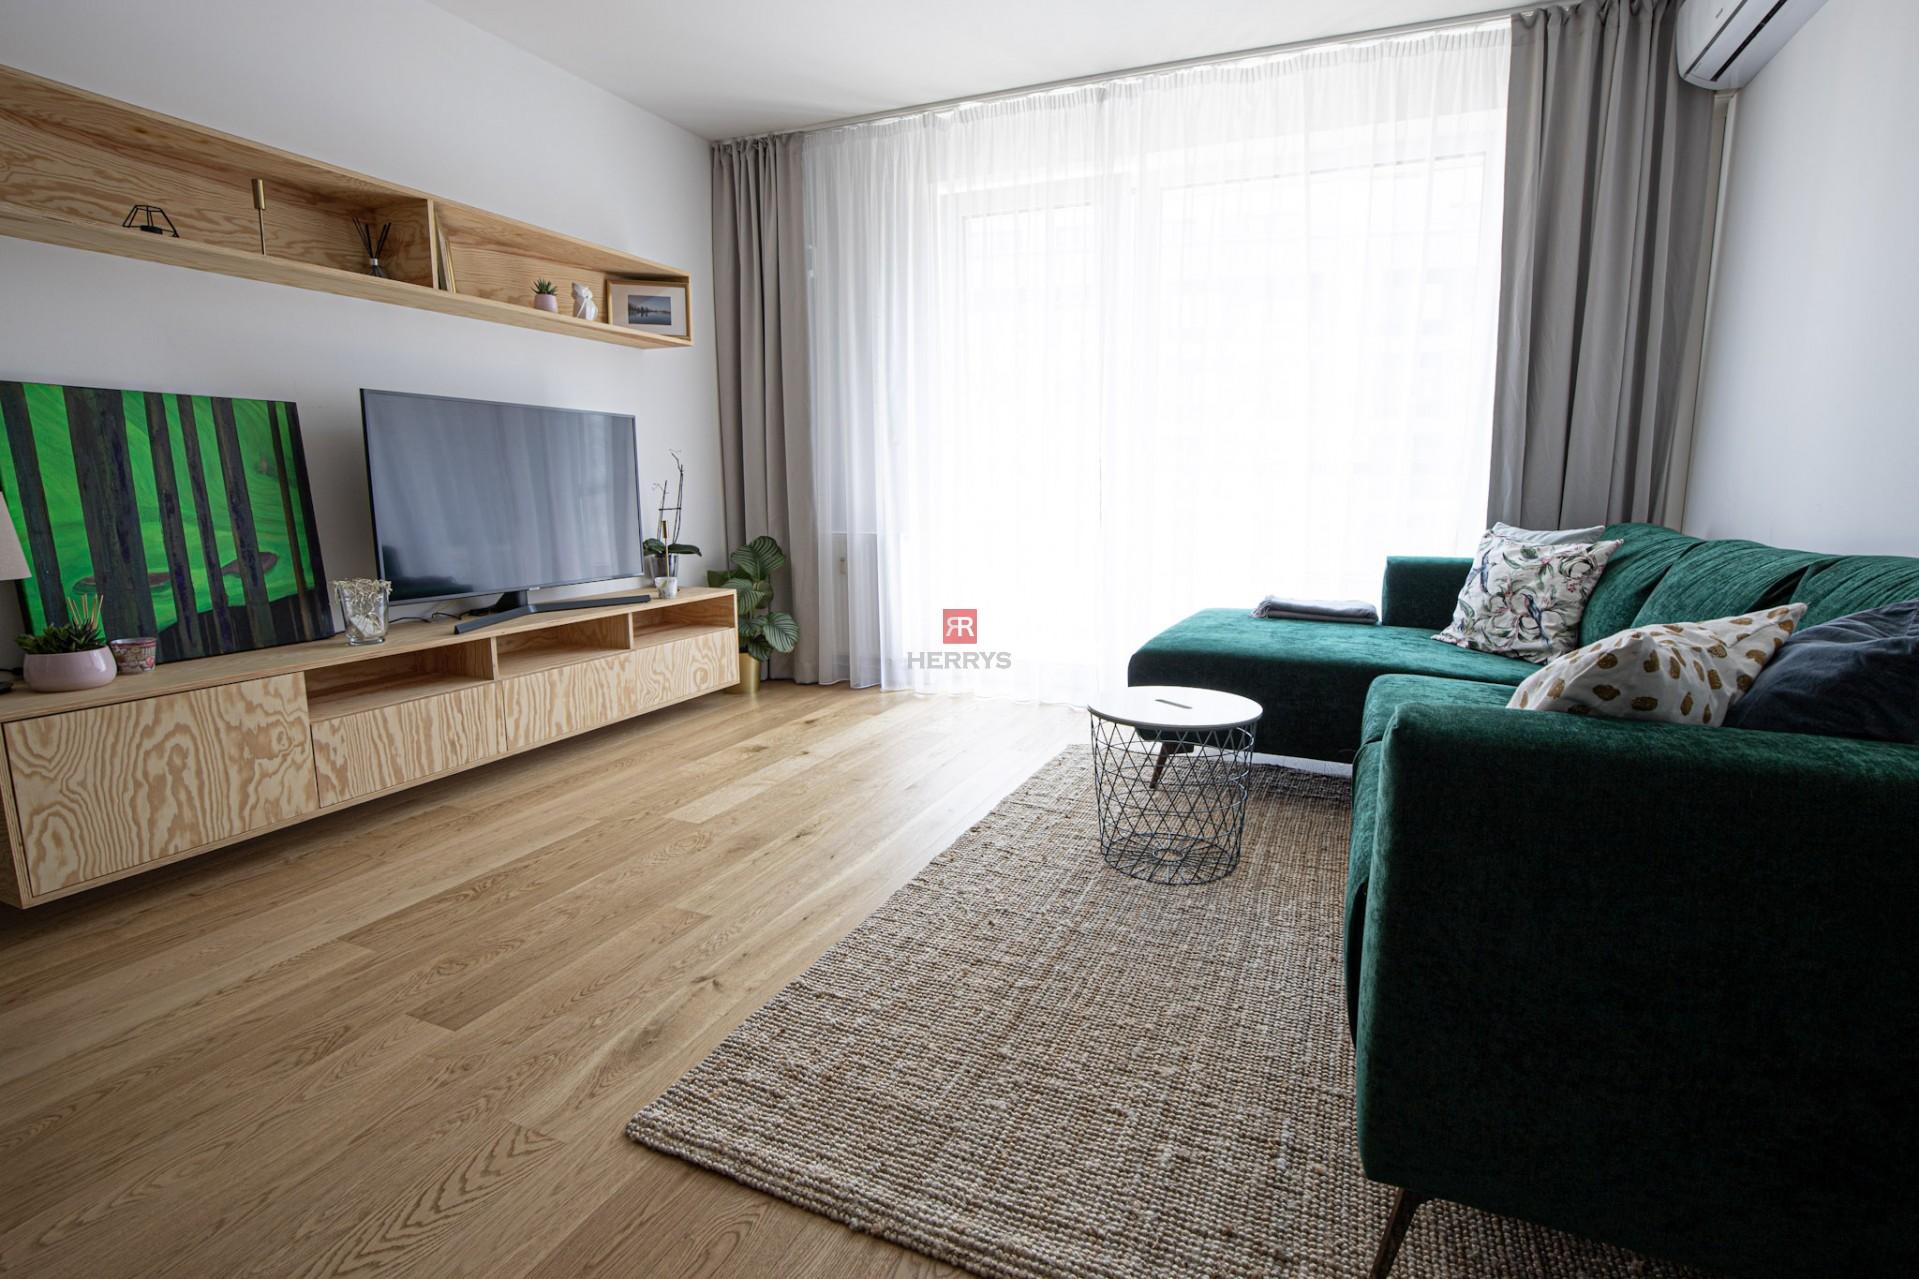 HERRYS - Na prenájom luxusne zariadený 2 izbový byt v novostavbe Urban Residence